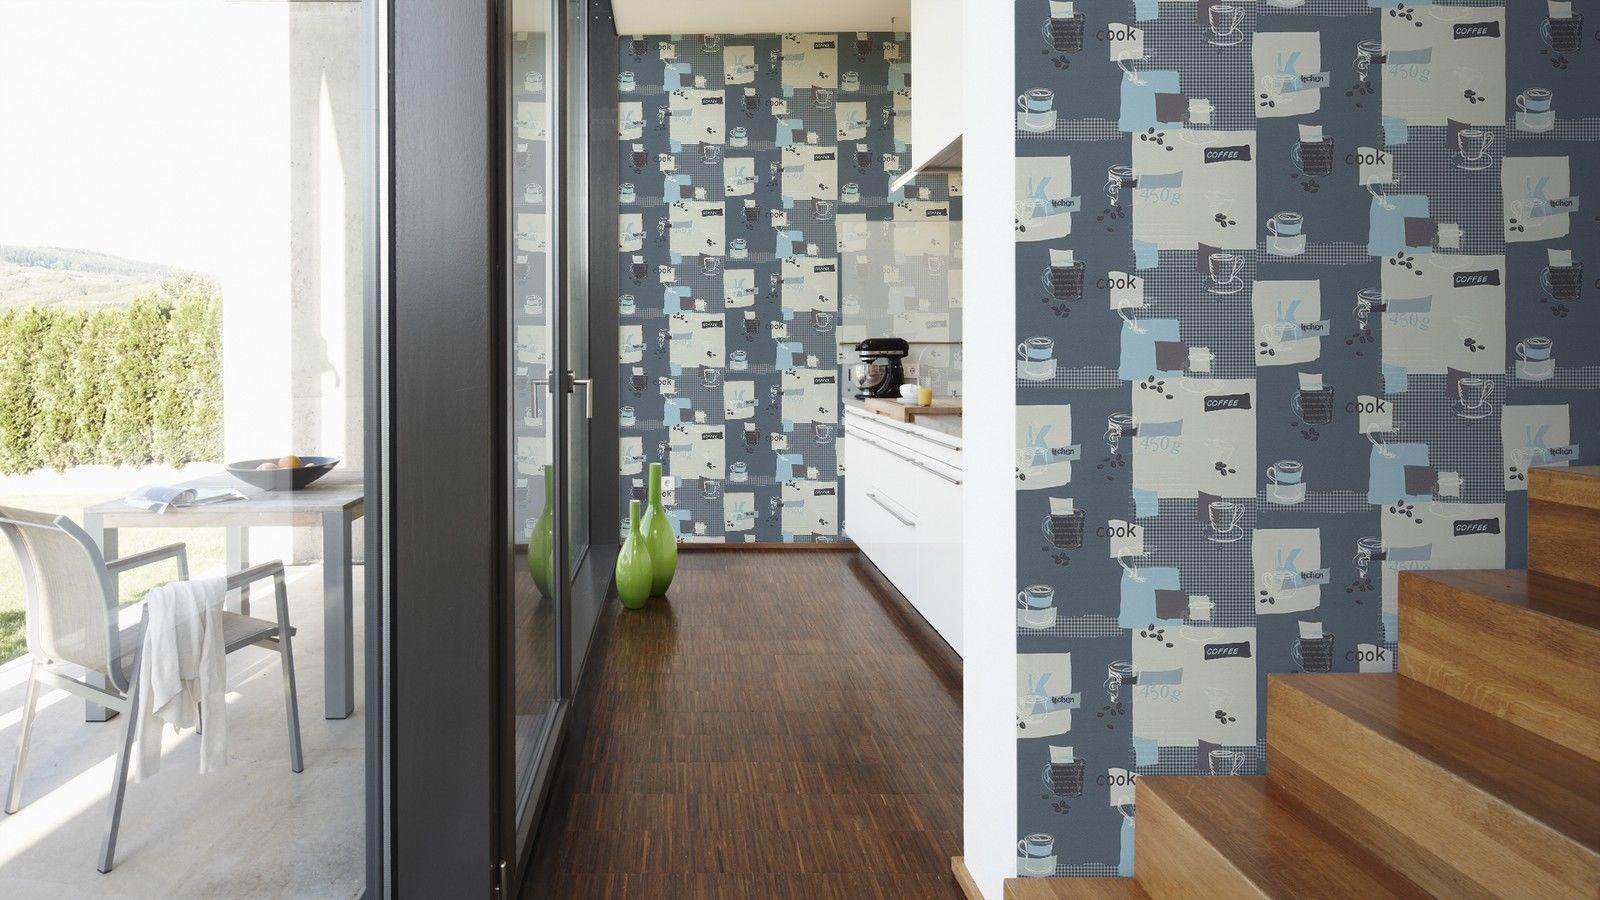 Vinyl küchen tapete blau weiß creme coffee kaffeetassen 30089 1 as ...